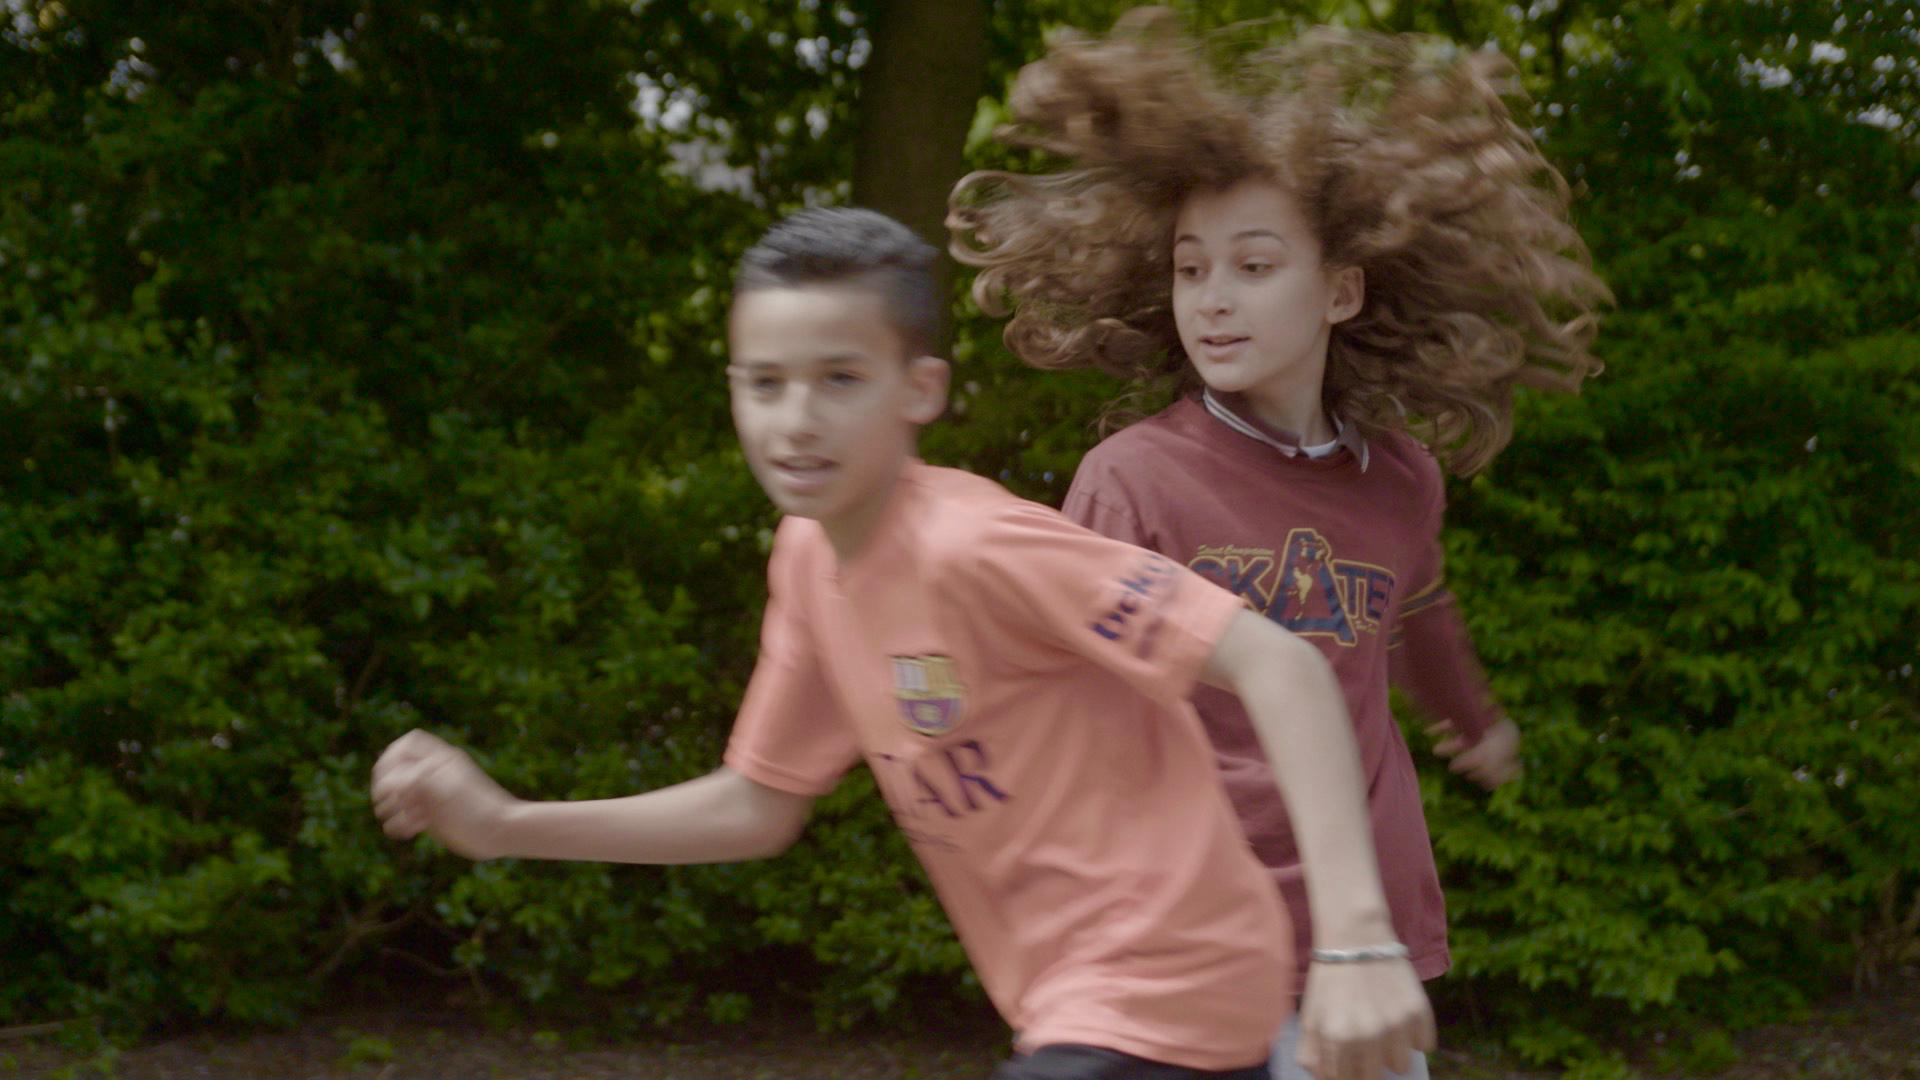 <b>Нидерланды - 23 минуты</b> | Режиссер Сьюзан Коенен | Российская премьера